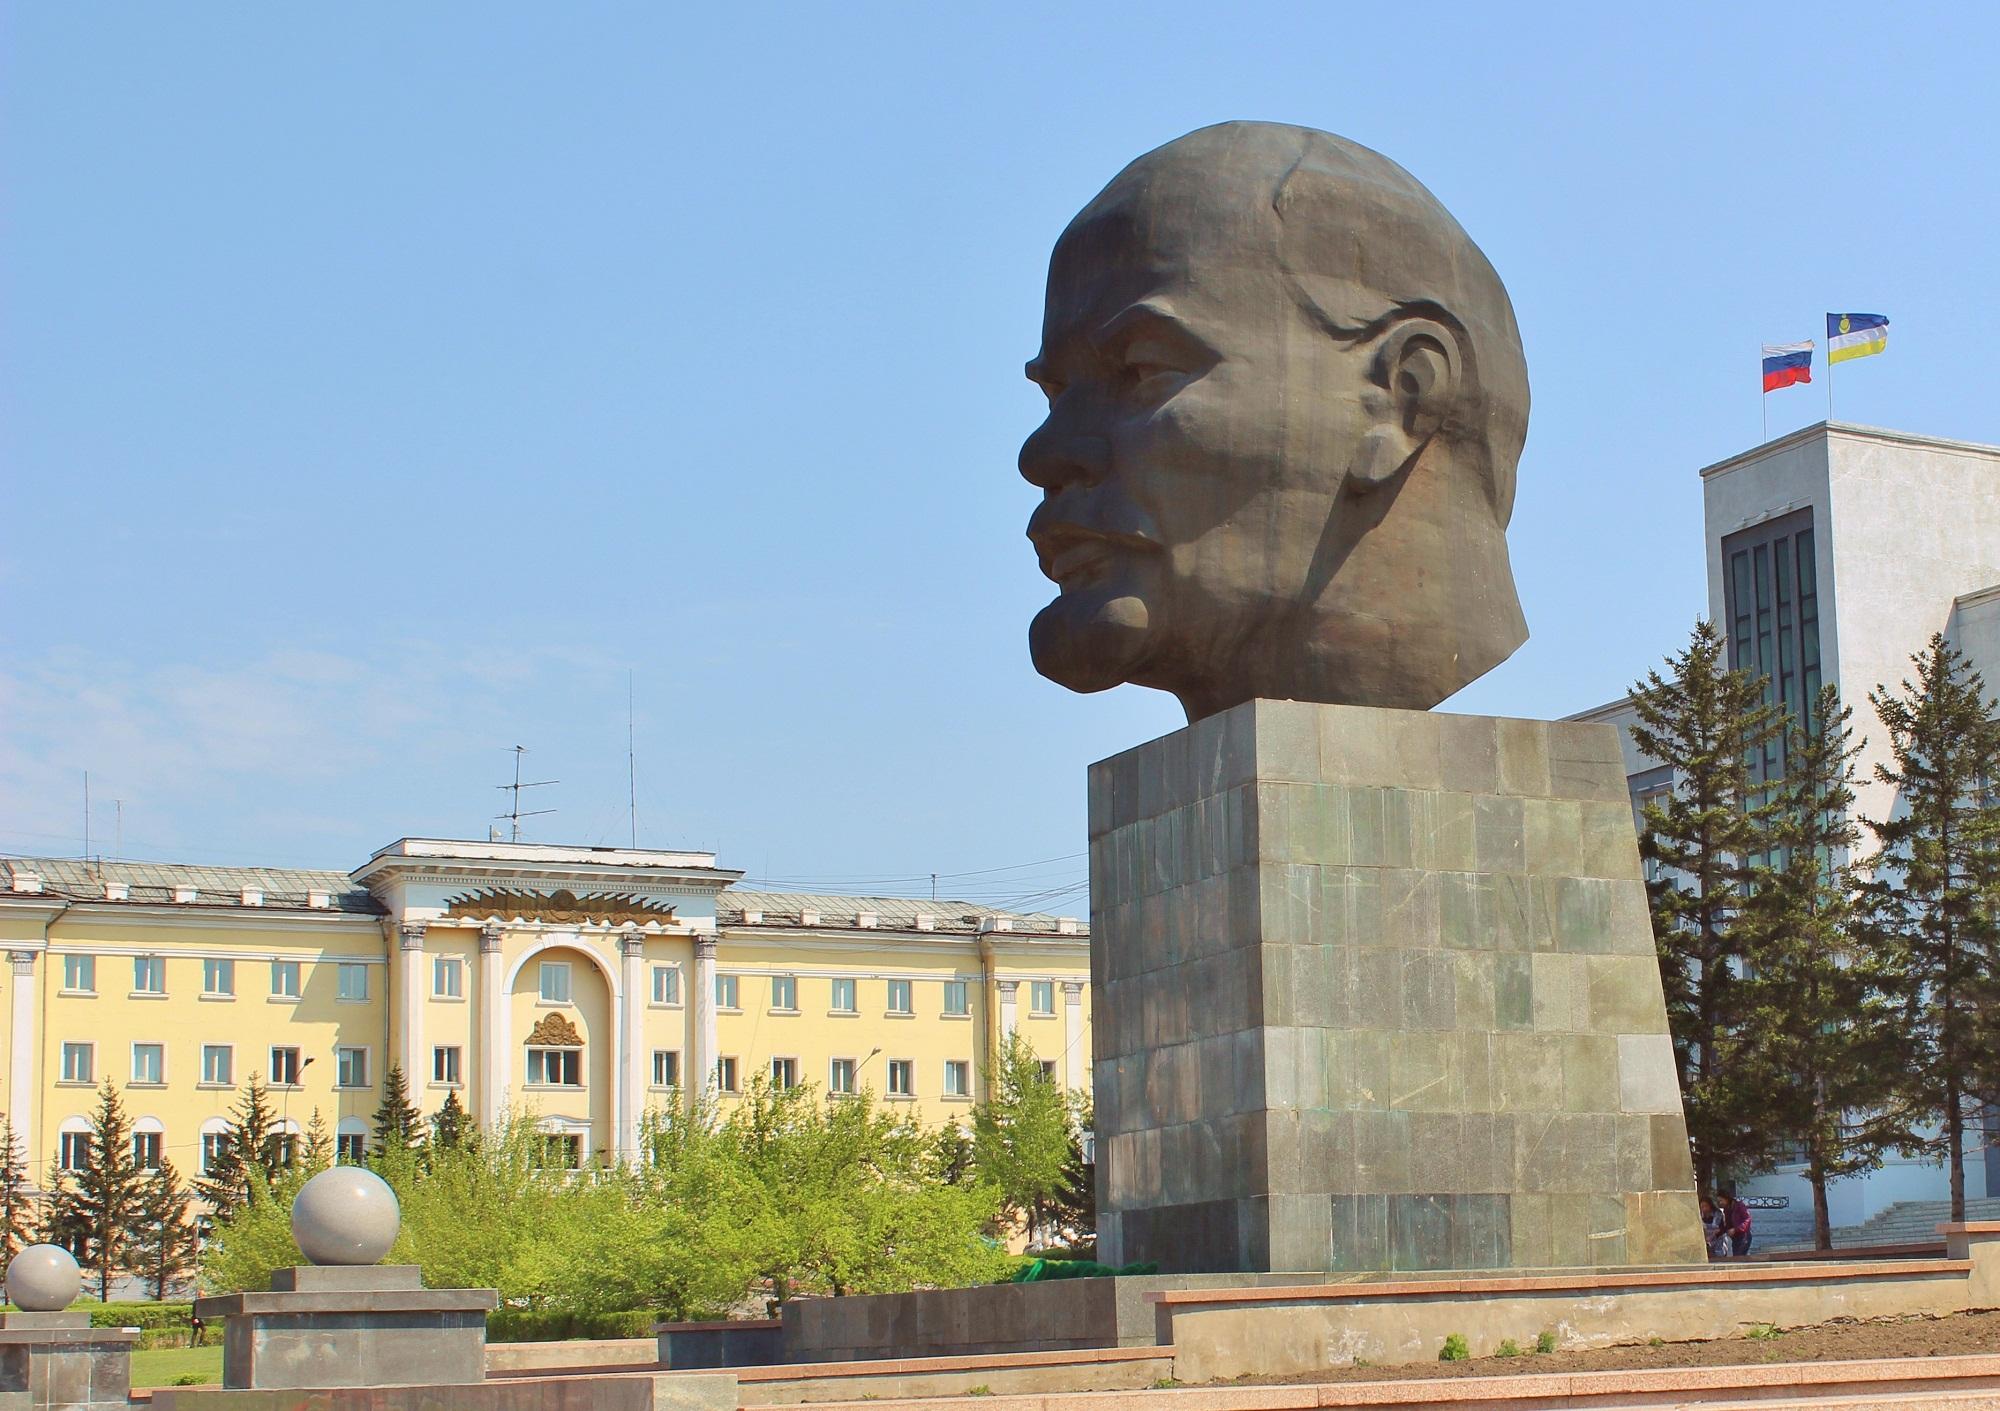 File:Lenin's head 02.jpg - Wikimedia Commons